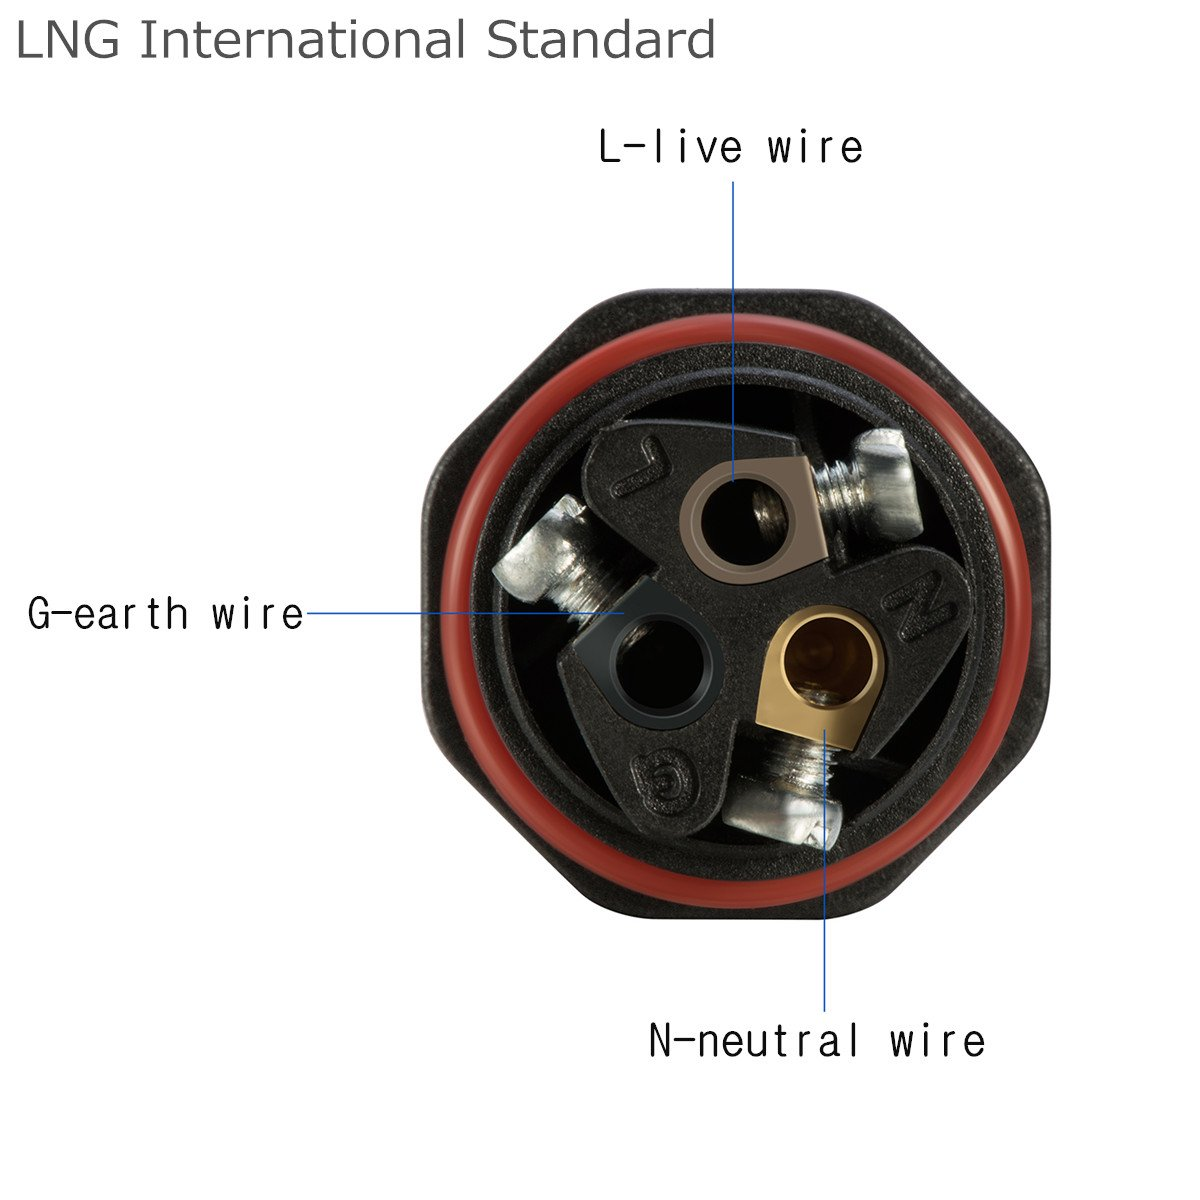 HSEAMALL Lot de 4 bo/îtes de jonction /étanche IP68 connecteur d/éclairage ext/érieur de bo/îte de jonction /à 3 voies connecteur de c/âble /étanche externe de presse-/étoupe en plastique